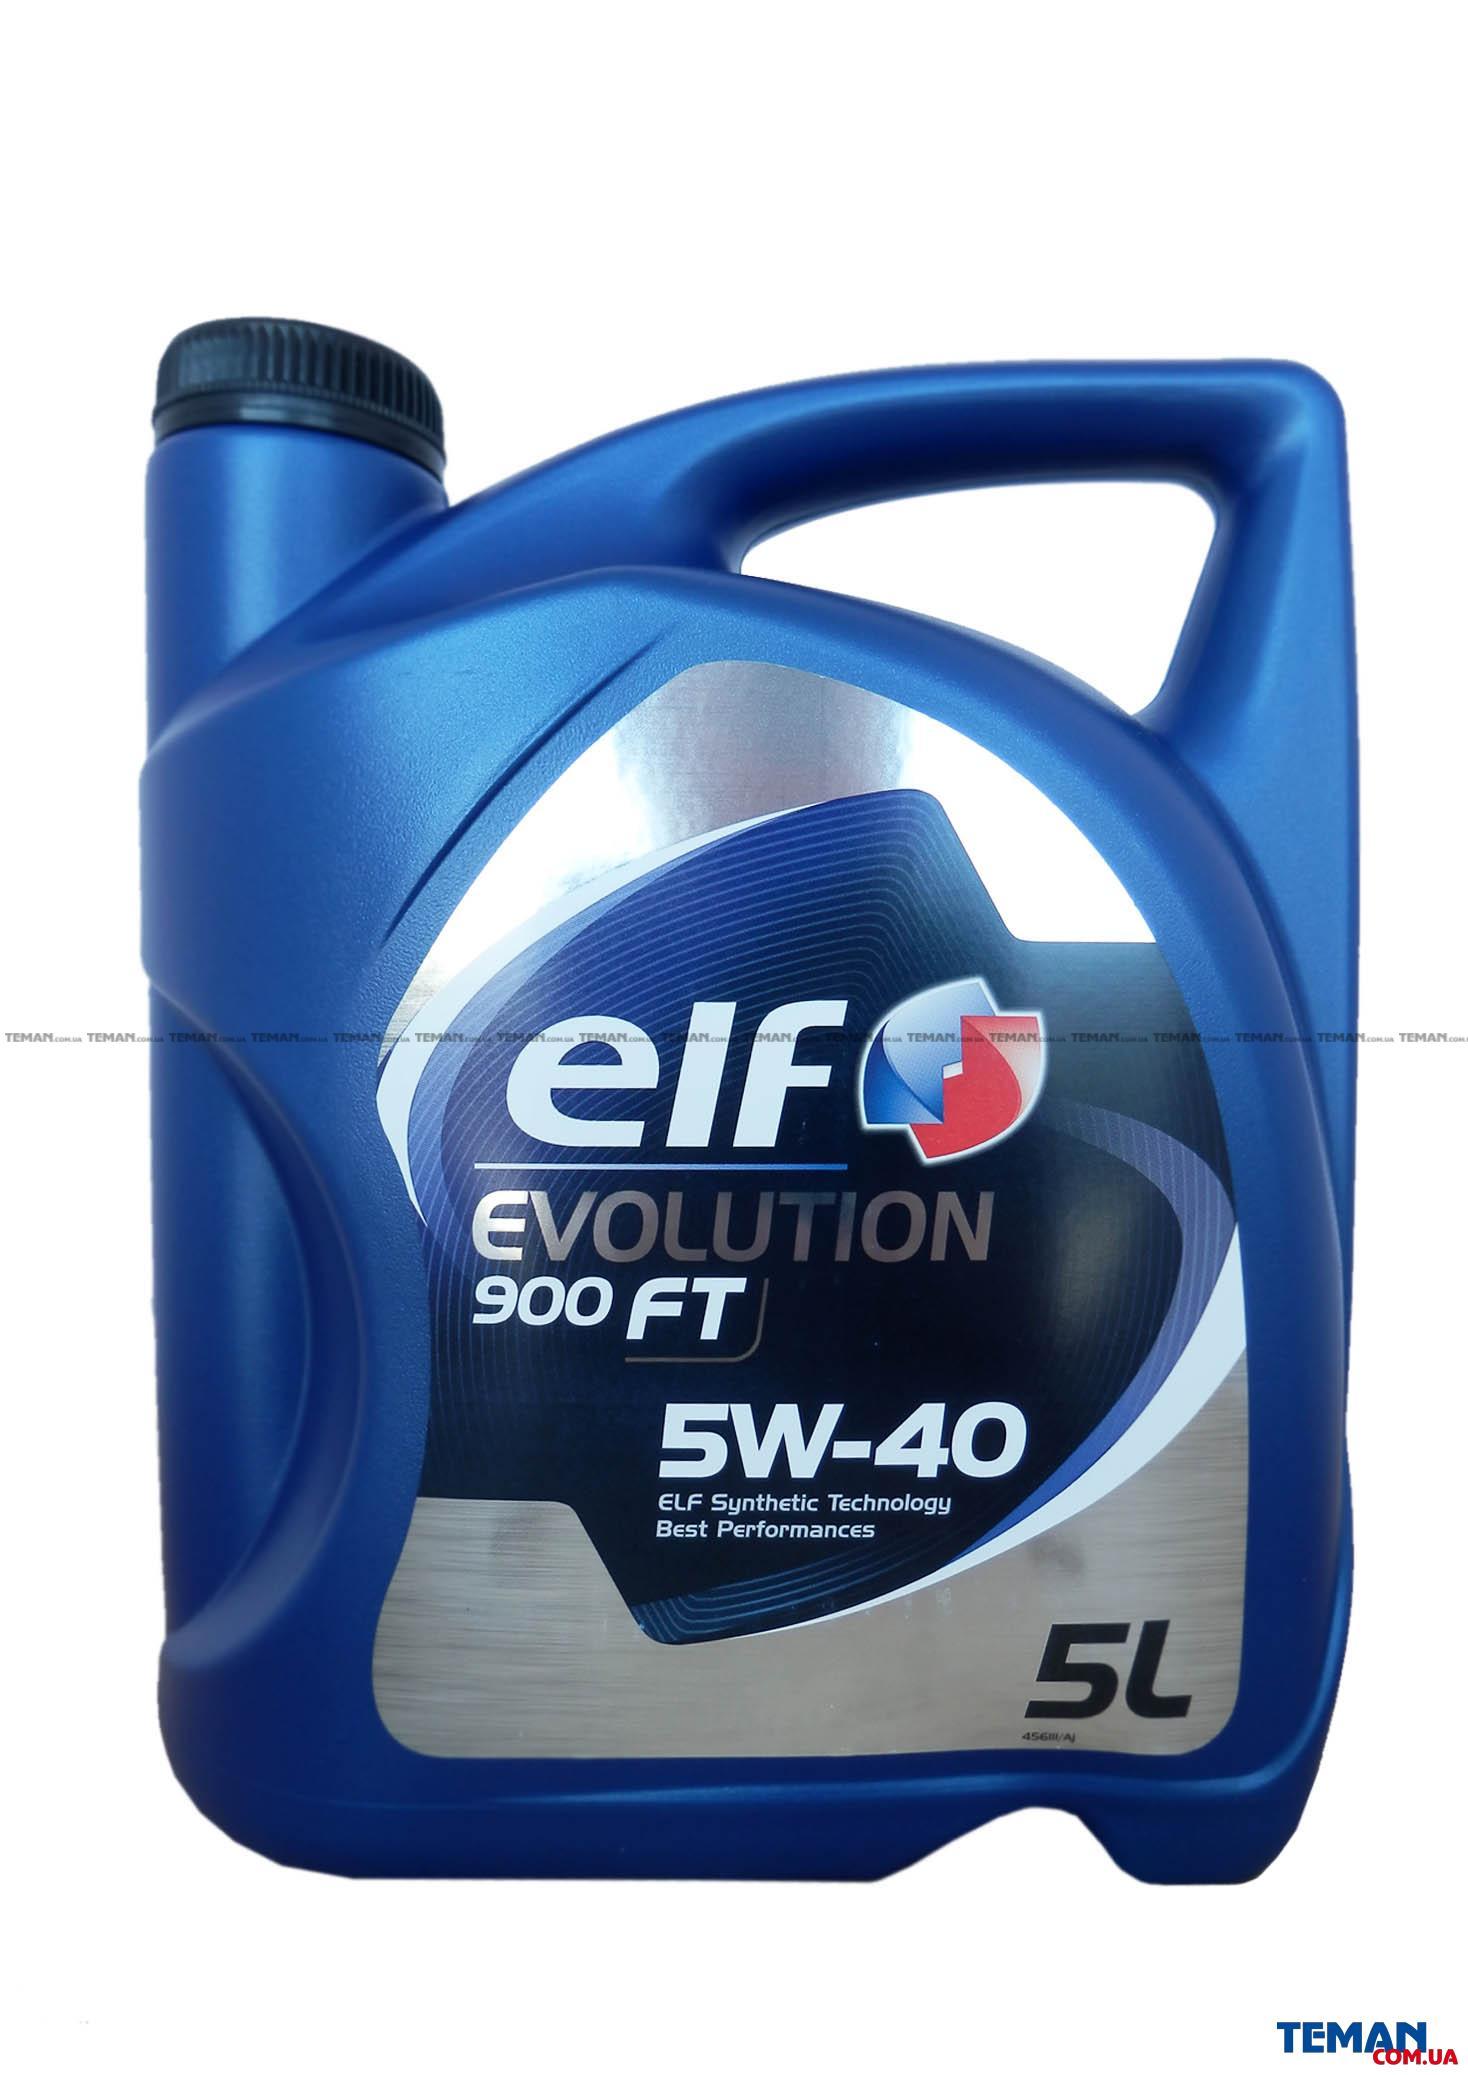 Масло моторное синтетическое Evolution 900 FT 5W-40, 5 л